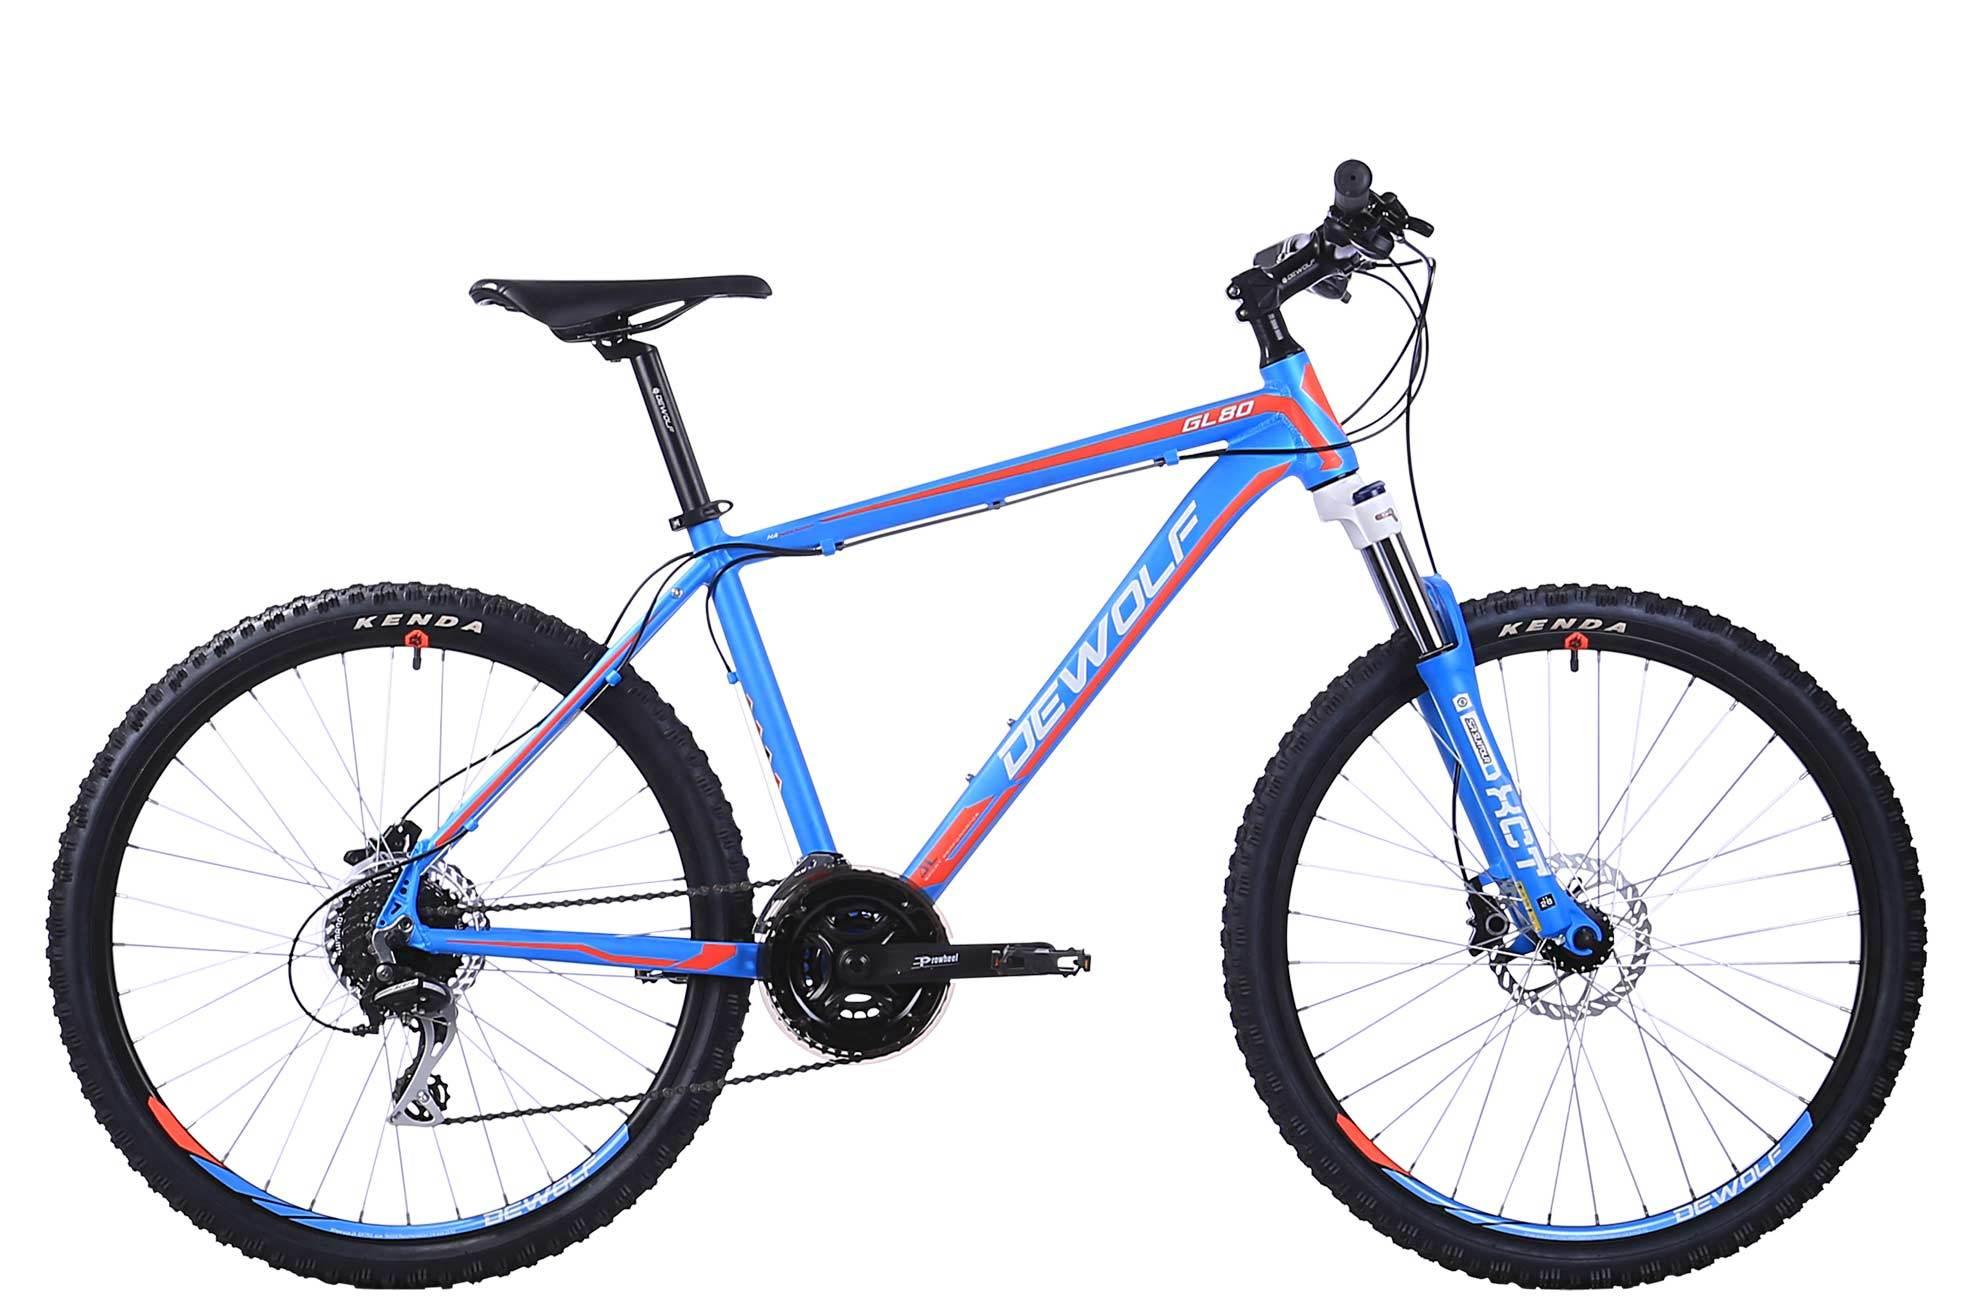 Dewolf GL 80 (2016)Горные<br>Проверенна формула хорошего велосипеда: проста, но надежна навеска, сдержанный, но нескучный дизайн и классические колеса 26 - GL готов, притно покататьс.<br>Легка и прочна алминиева рама, 24 передачи, пружинно-маслна вилка SR Suntour и мощные всепогодные дисковые гидравлические тормоза.<br><br><br>Двойные алминиевые обода<br>Облегченна алминиева рама повышенной прочности<br>Мощные всепогодные гидравлические дисковые тормоза<br>Задний переклчатель Shimano Acera<br>24 скорости<br>Вилка с плавным ходом и гидравлической блокировкой хода SR SUNTOUR XCT<br>